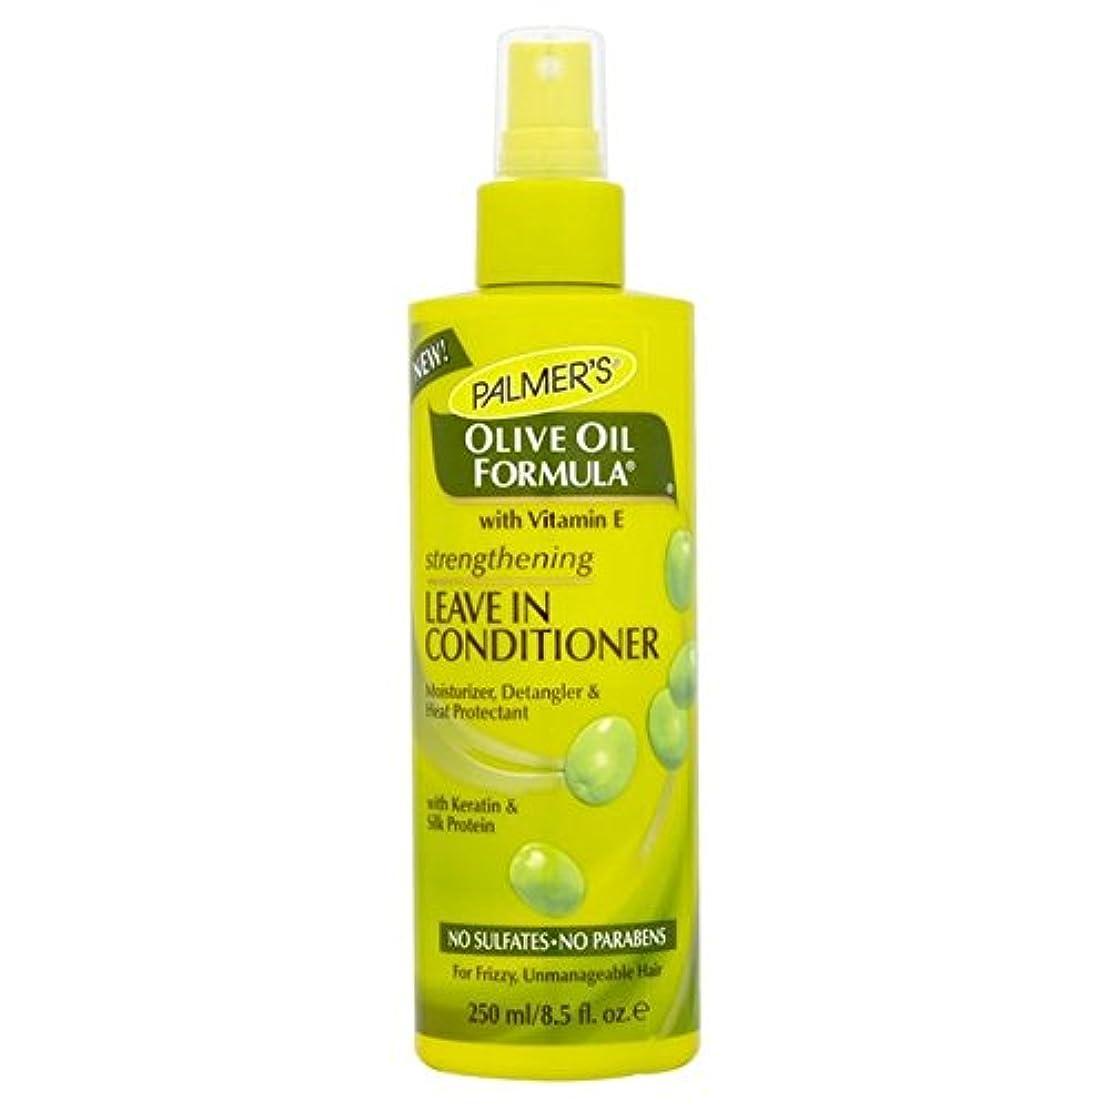 静的アスレチック悪行リーブインコンディショナー250を強化パーマーのオリーブオイル式 x4 - Palmer's Olive Oil Formula Strengthening Leave-in Conditioner 250ml (Pack...